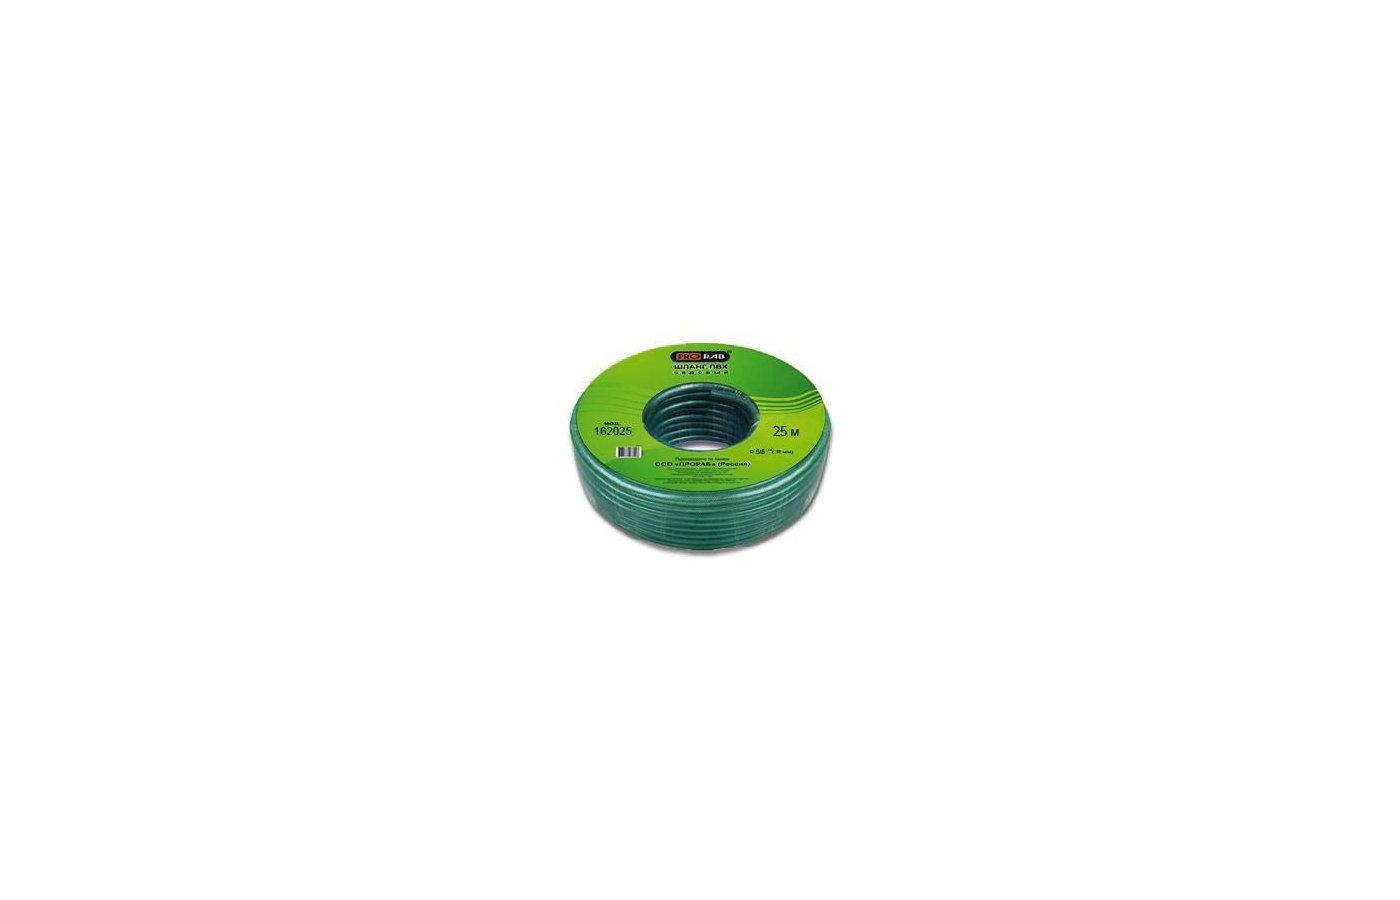 """Шланг садовый Prorab 162025  Шланг ПВХ для полива, диаметр 5/8"""", 25 м  Hobby"""